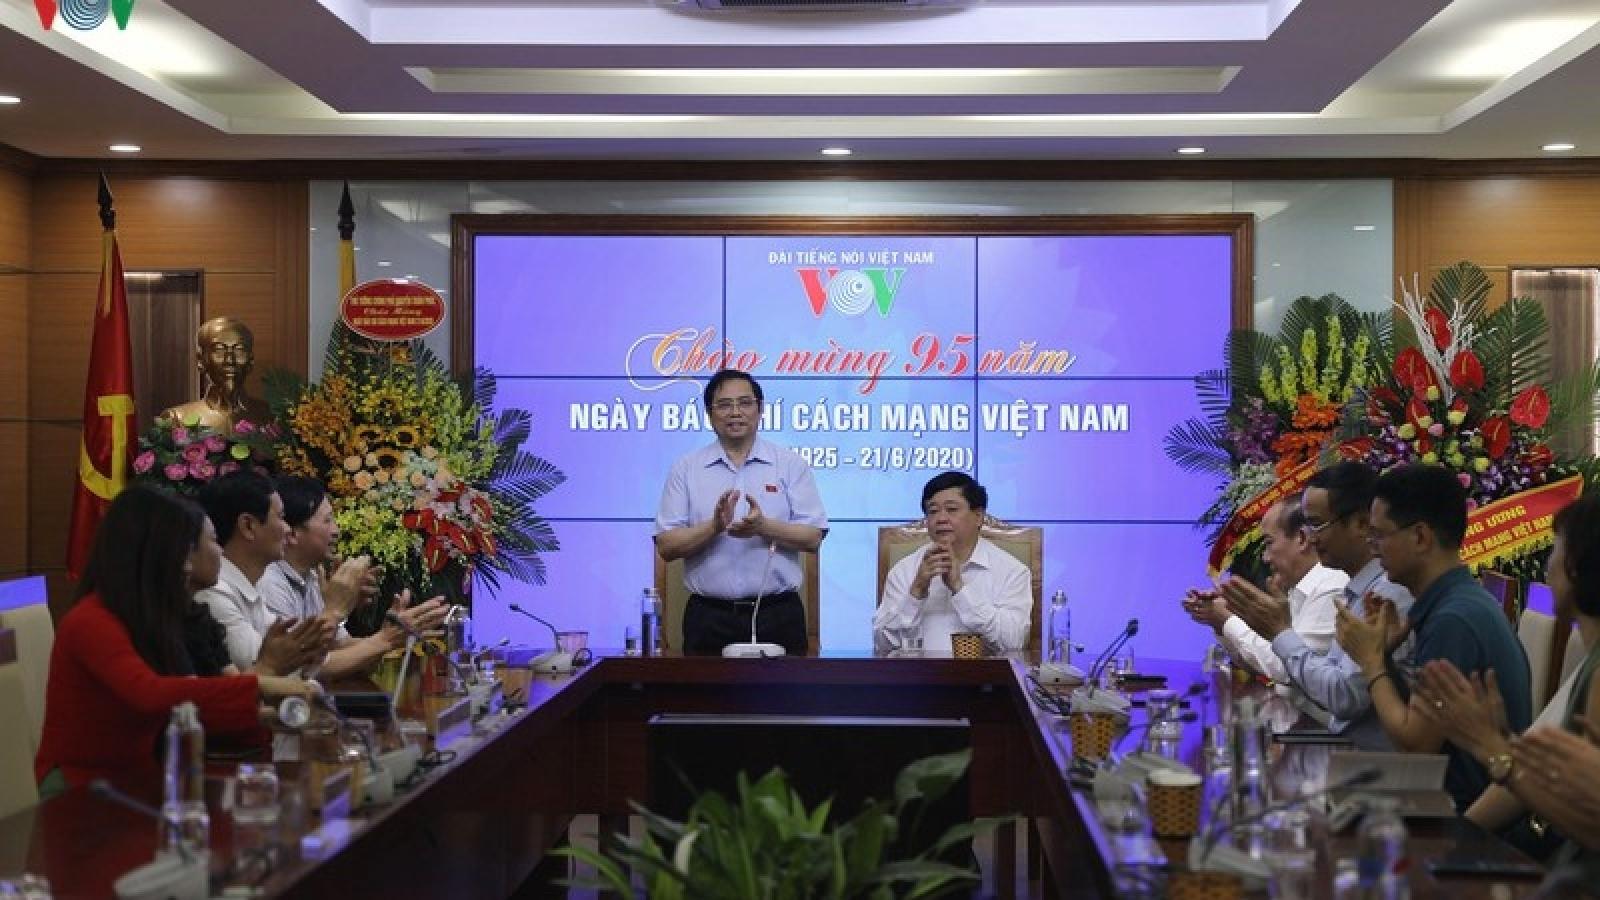 Lời cảm ơn của VOV nhân kỷ niệm 95 năm Ngày Báo chí Cách mạng Việt Nam